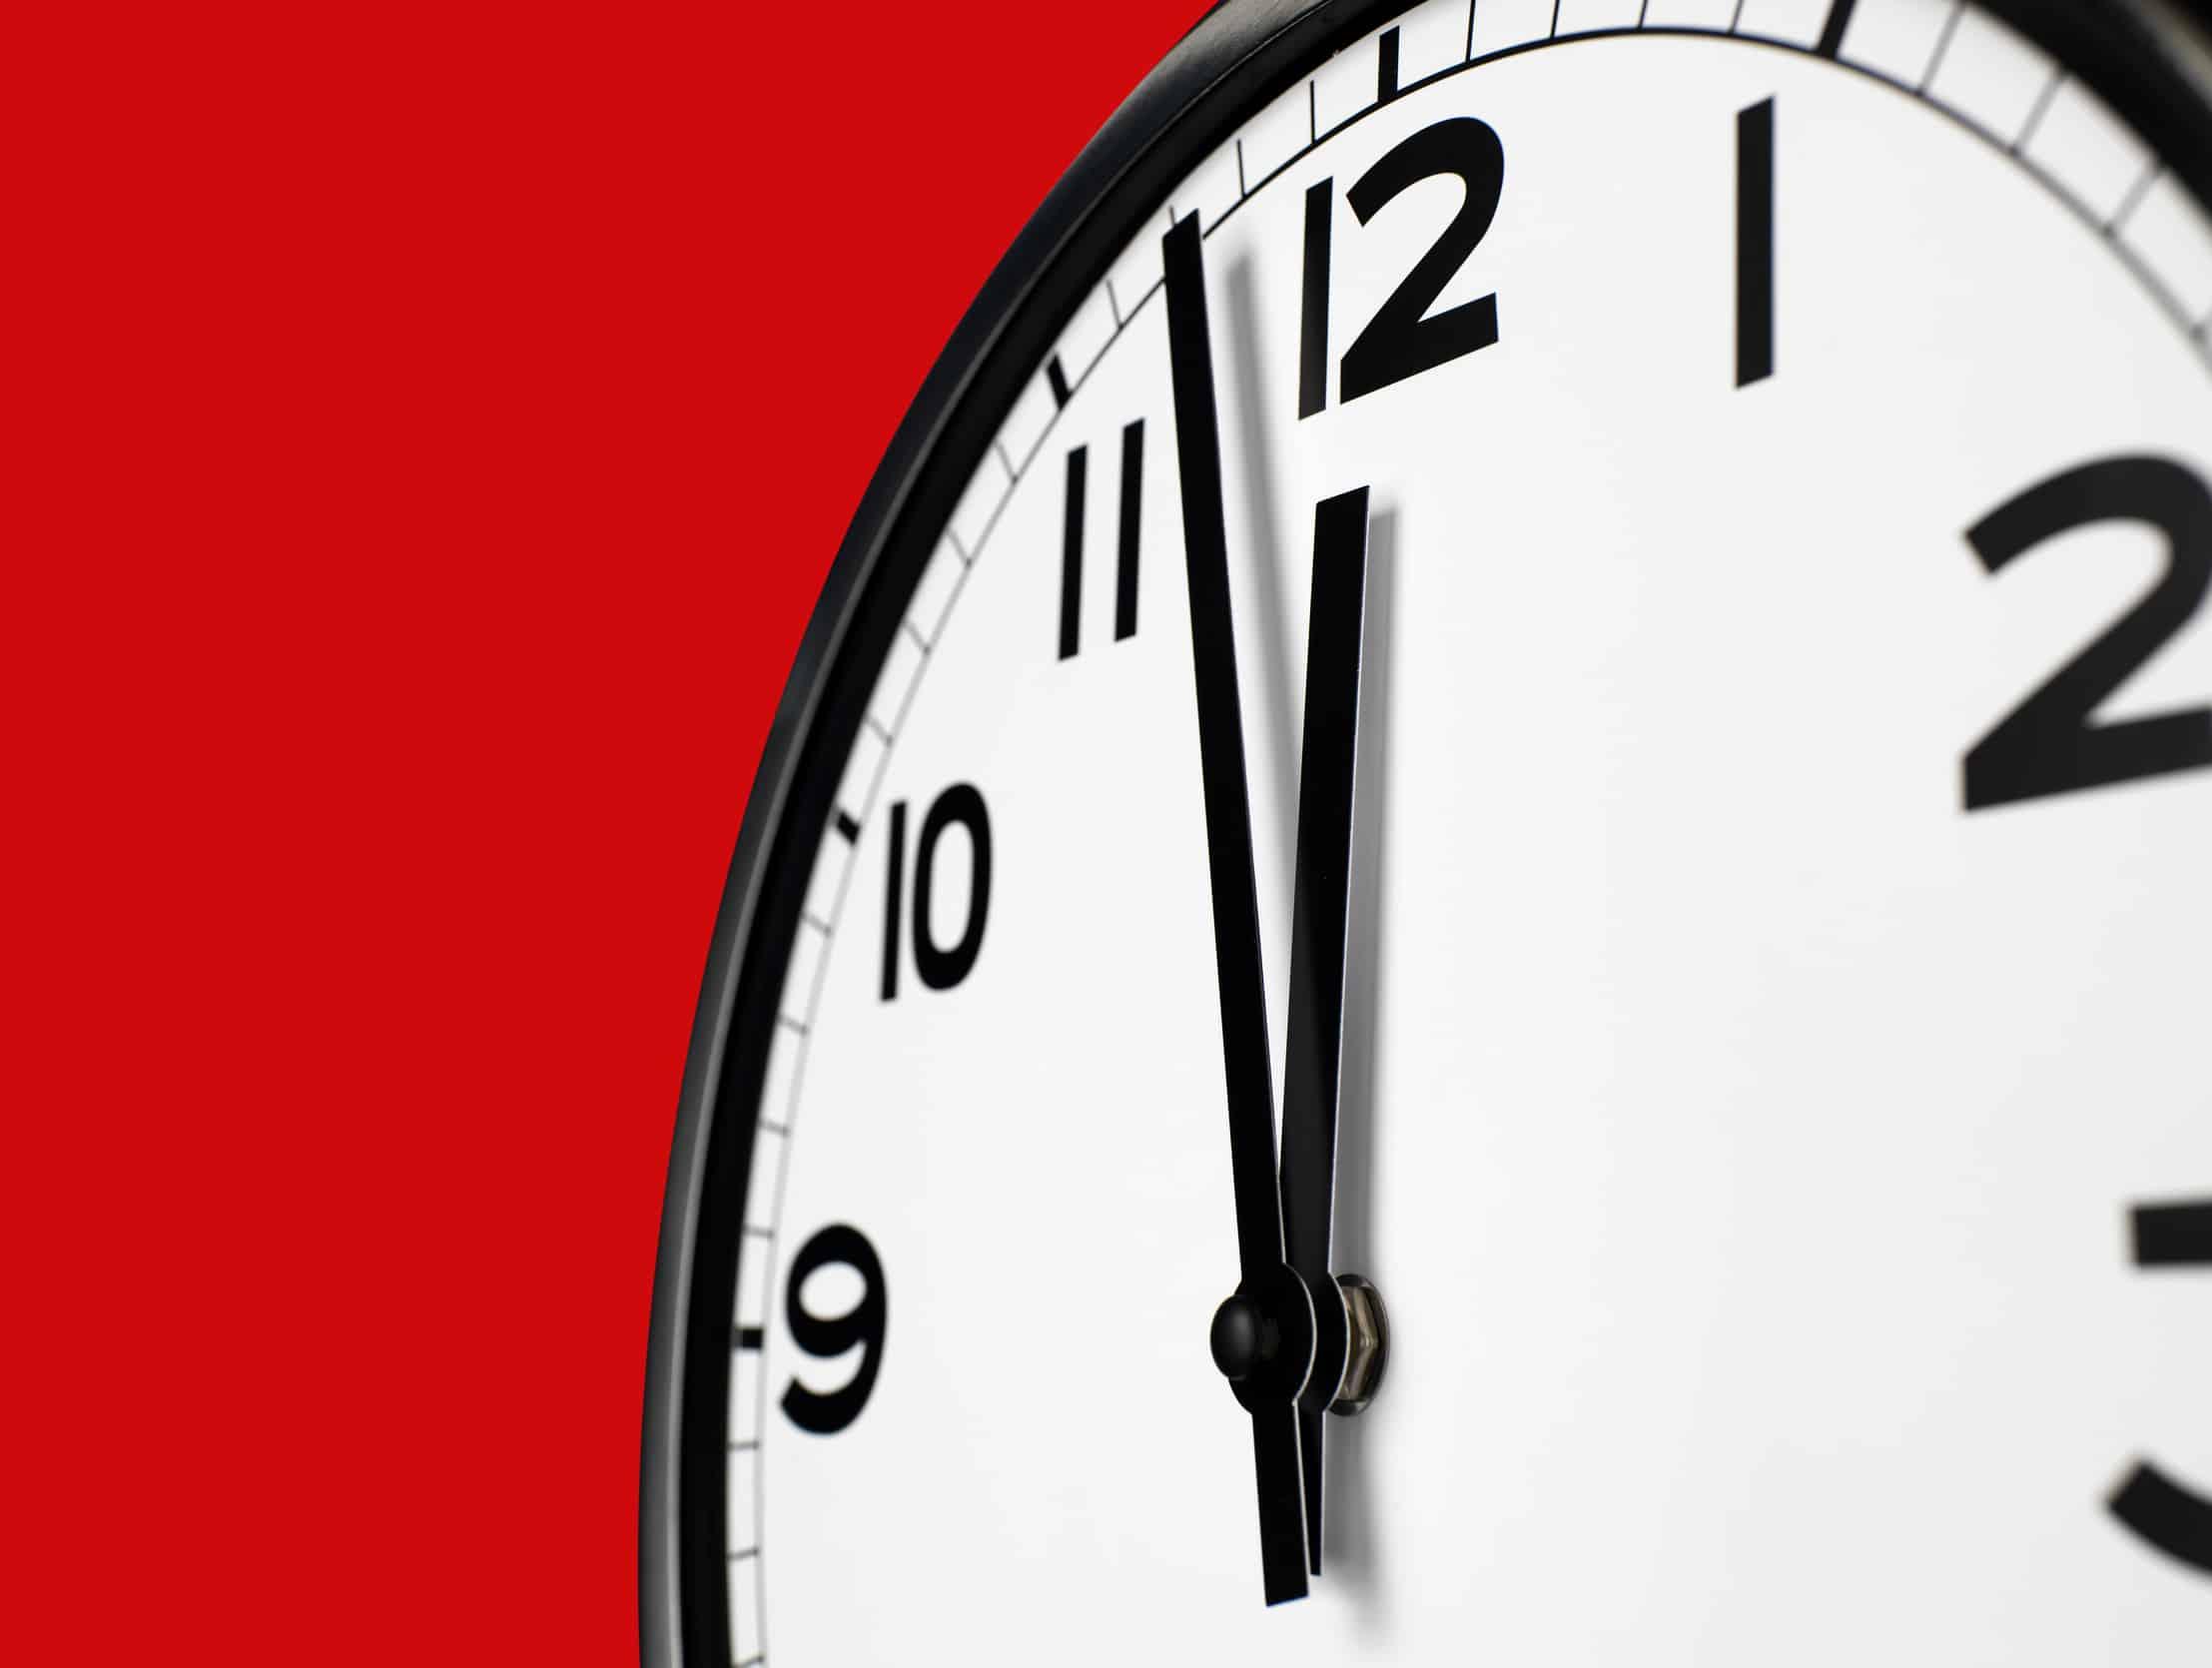 736983e77f6 Travail en 12 heures   un débat sans fin - Actusoins actualité ...